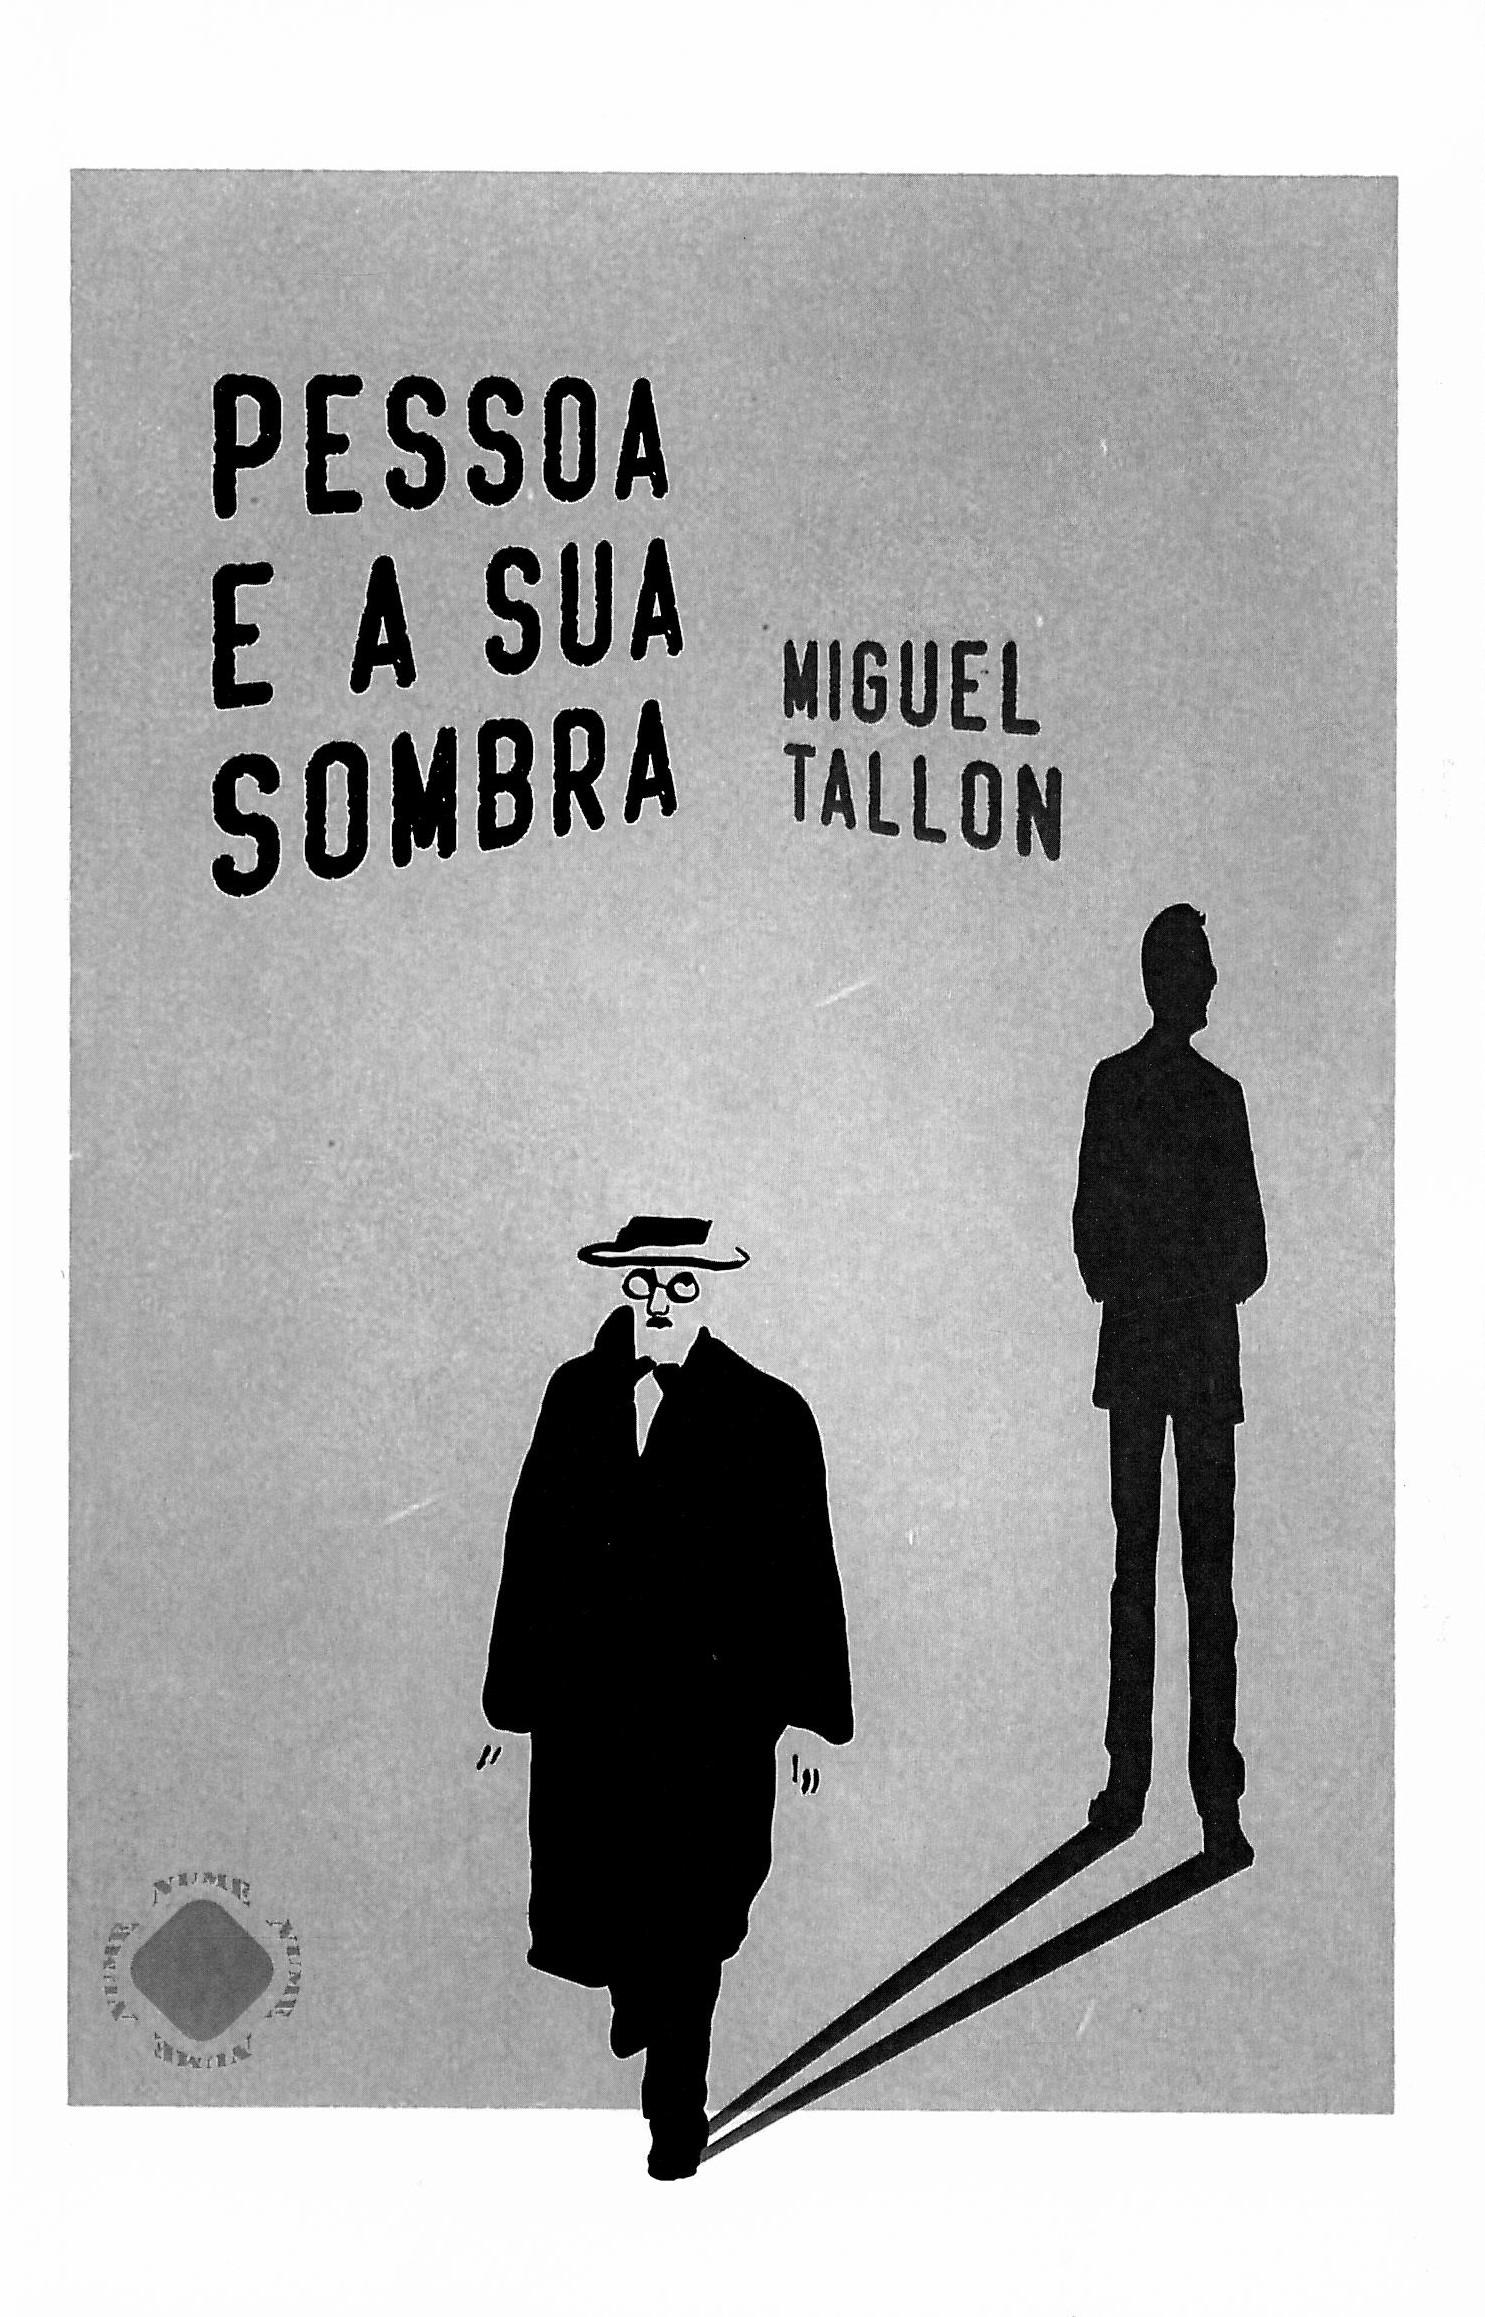 PESSOA E A SU SOMBRA